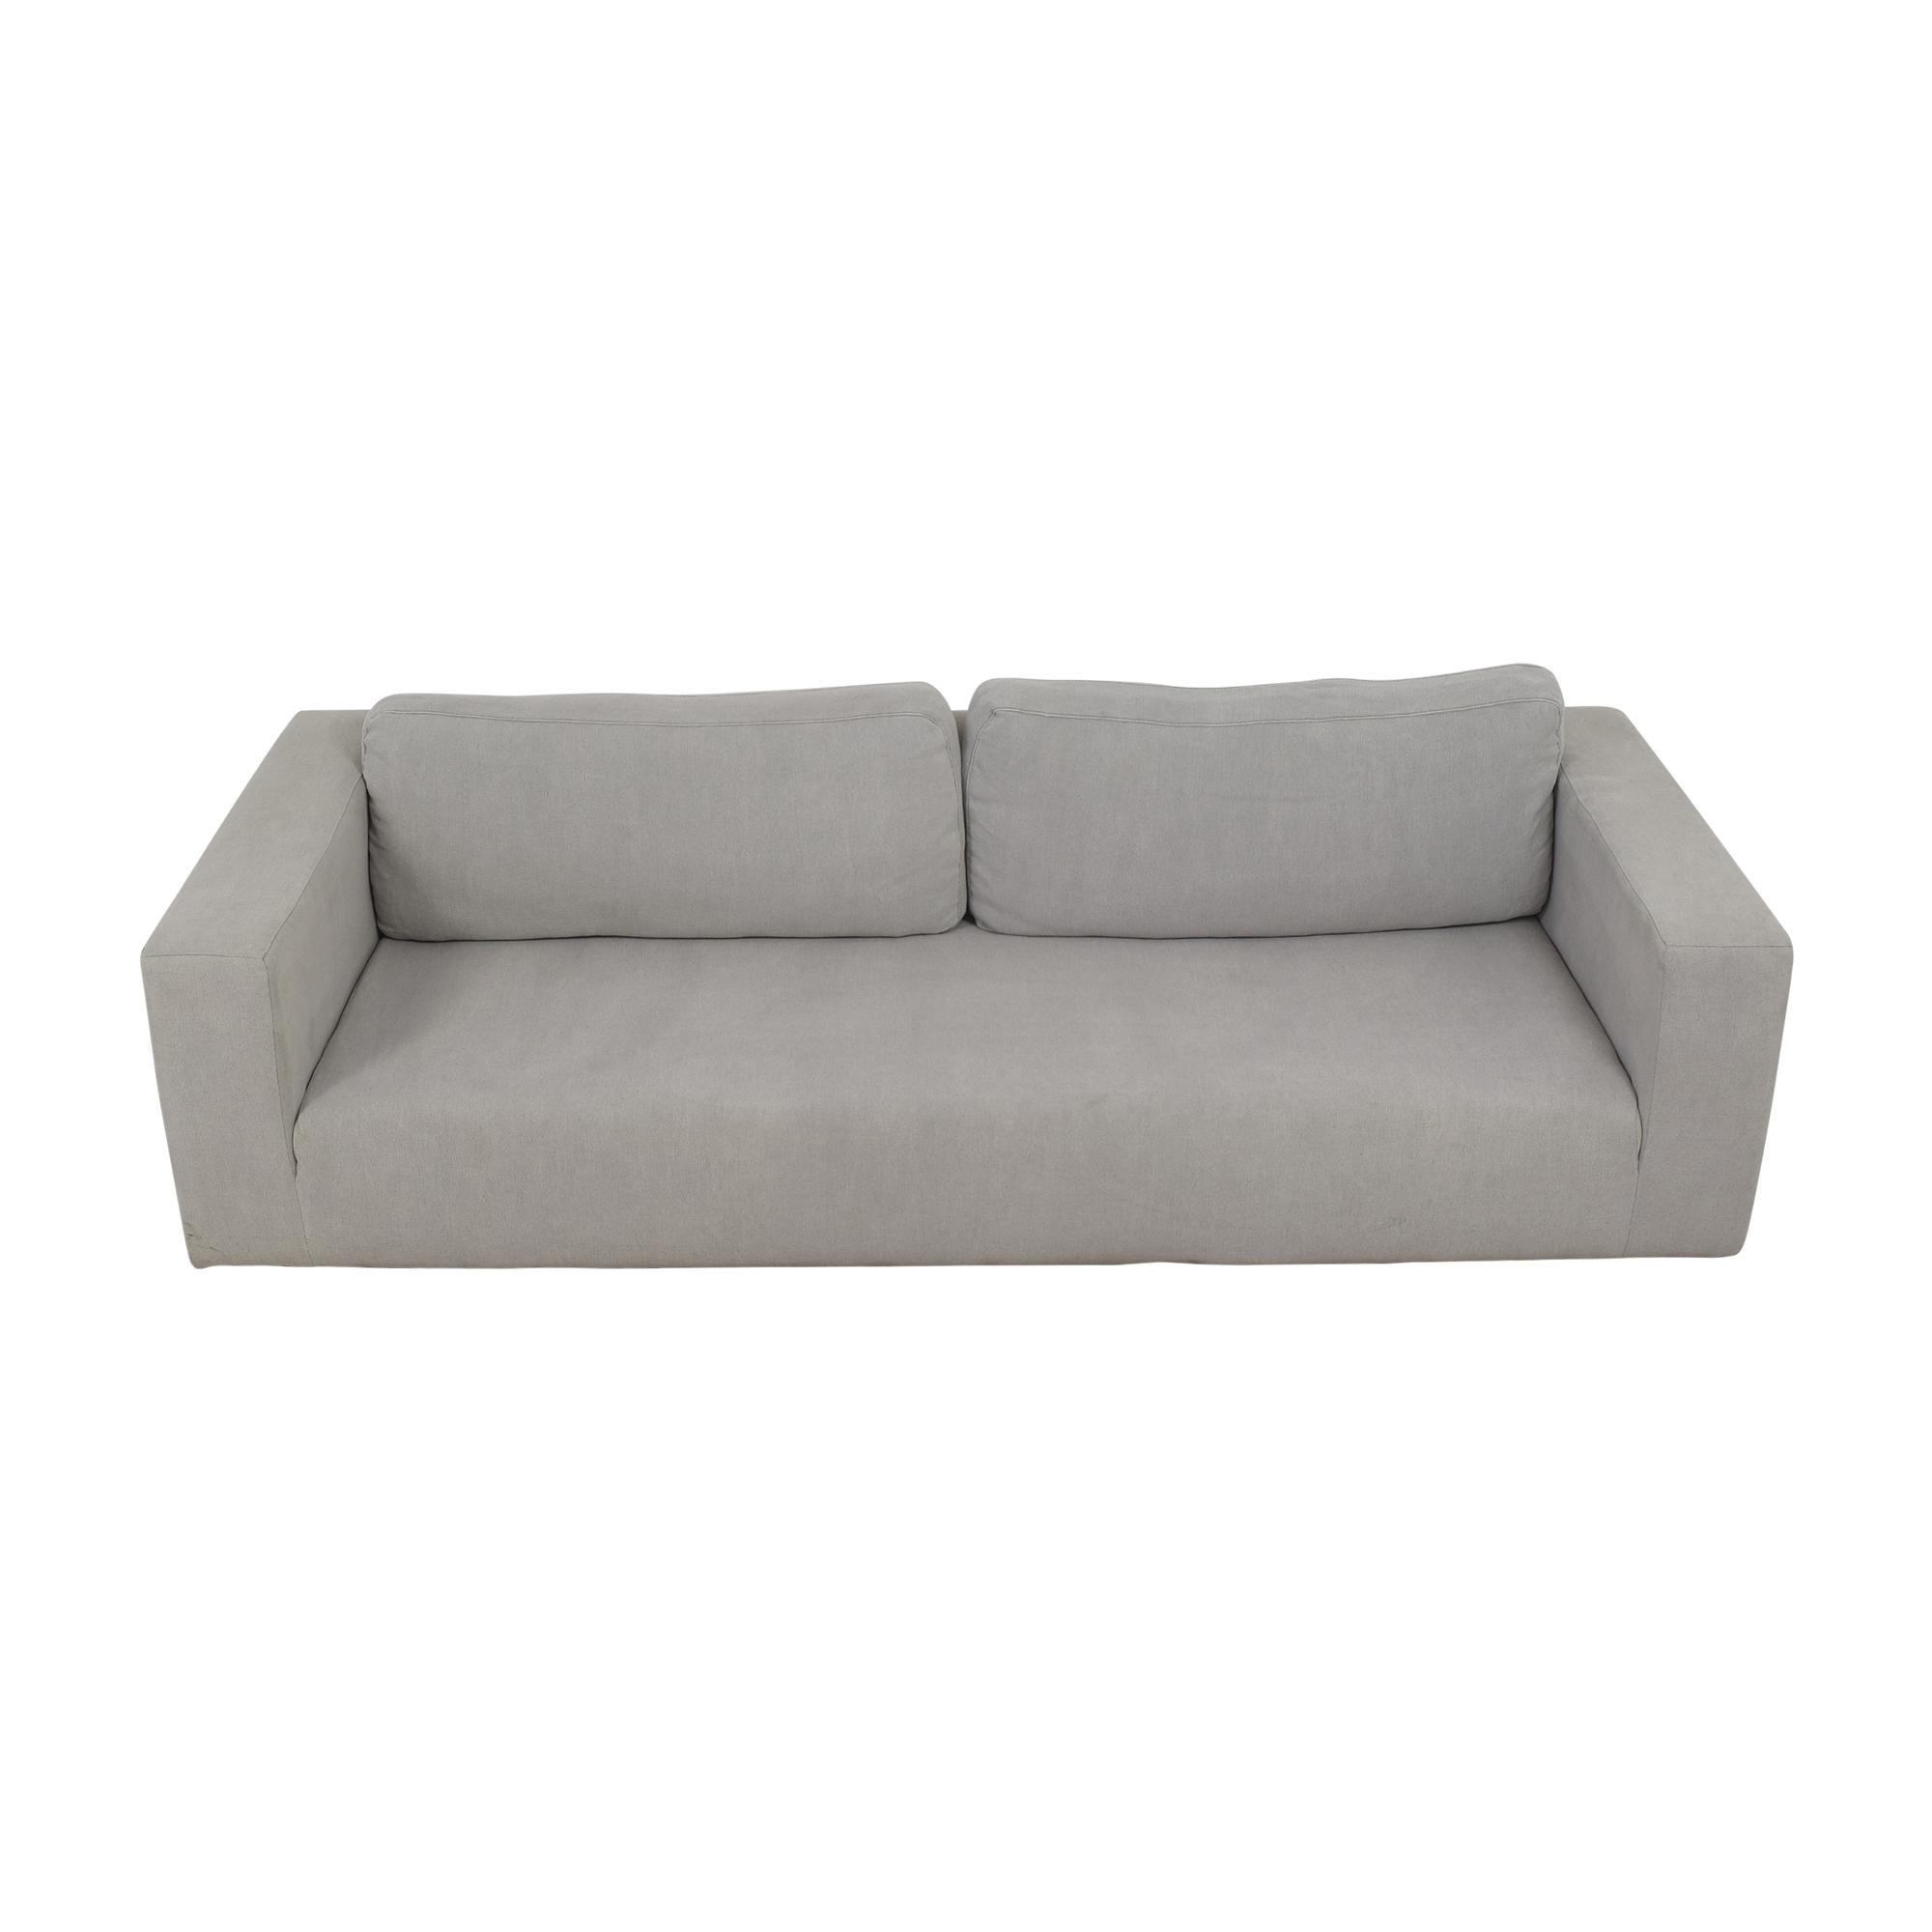 Four Hands Kensington Plume Sofa / Sofas